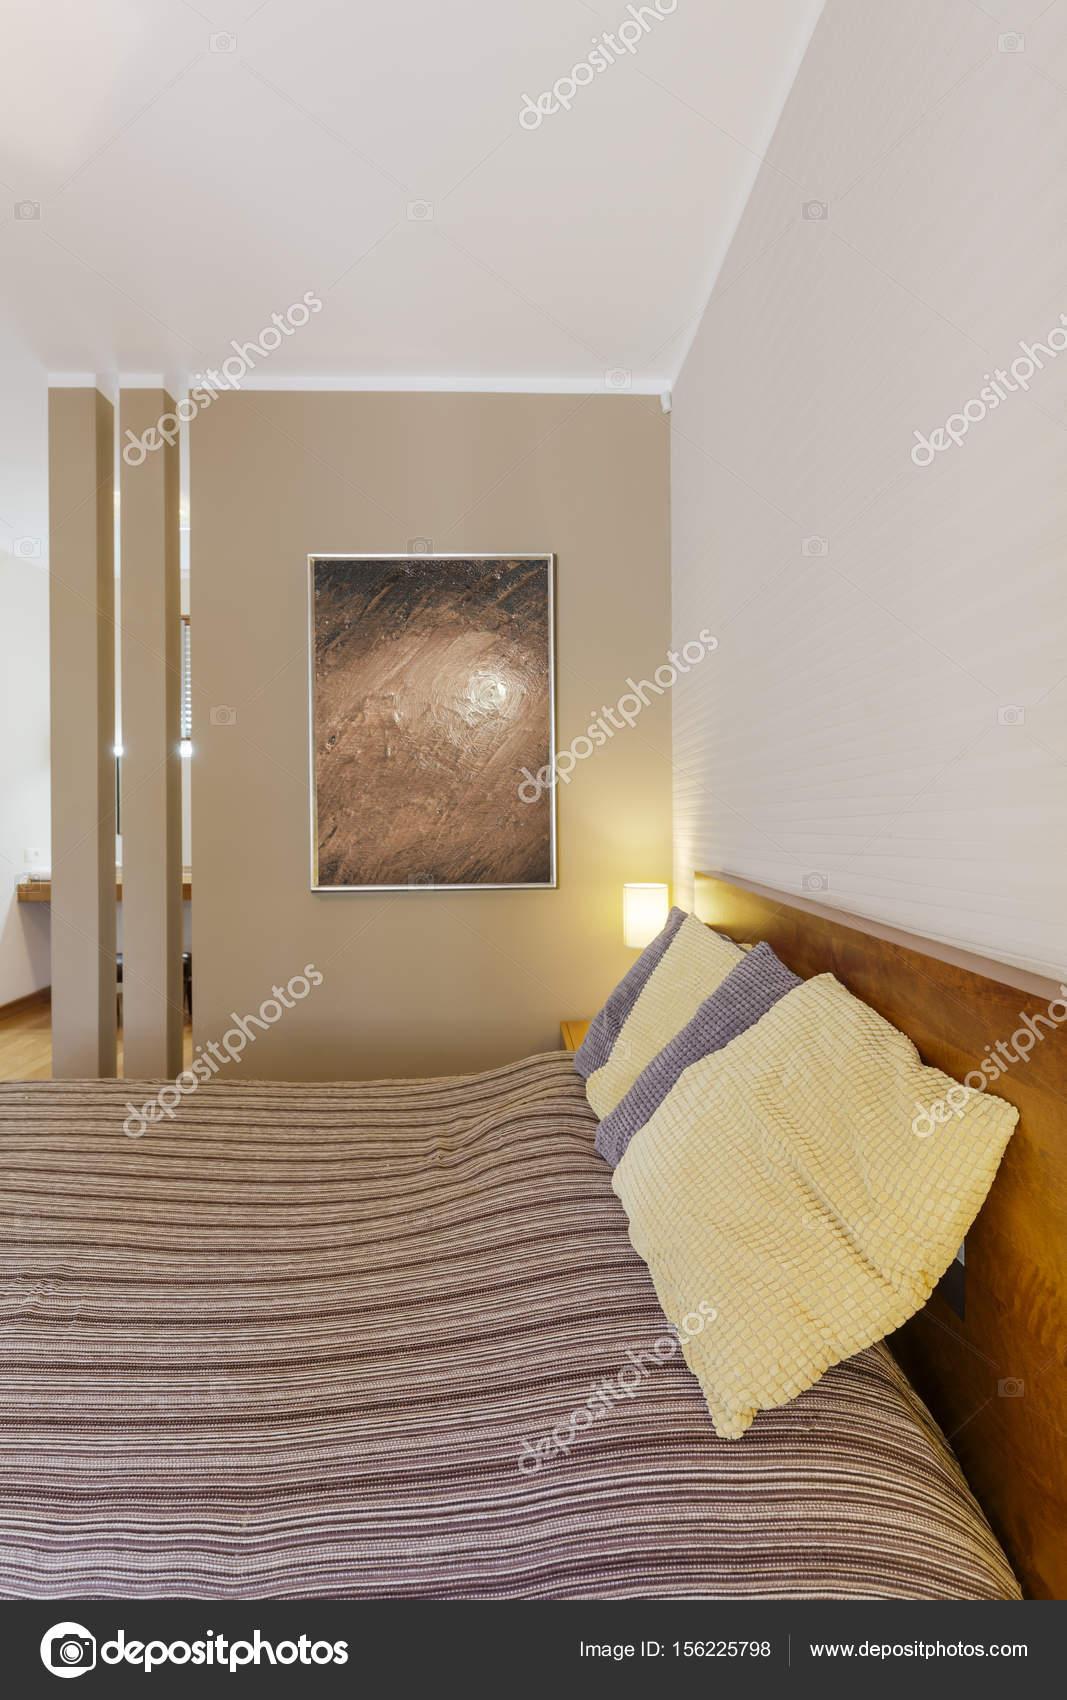 Bed in de slaapkamer met stijlvolle schilderij — Stockfoto ...